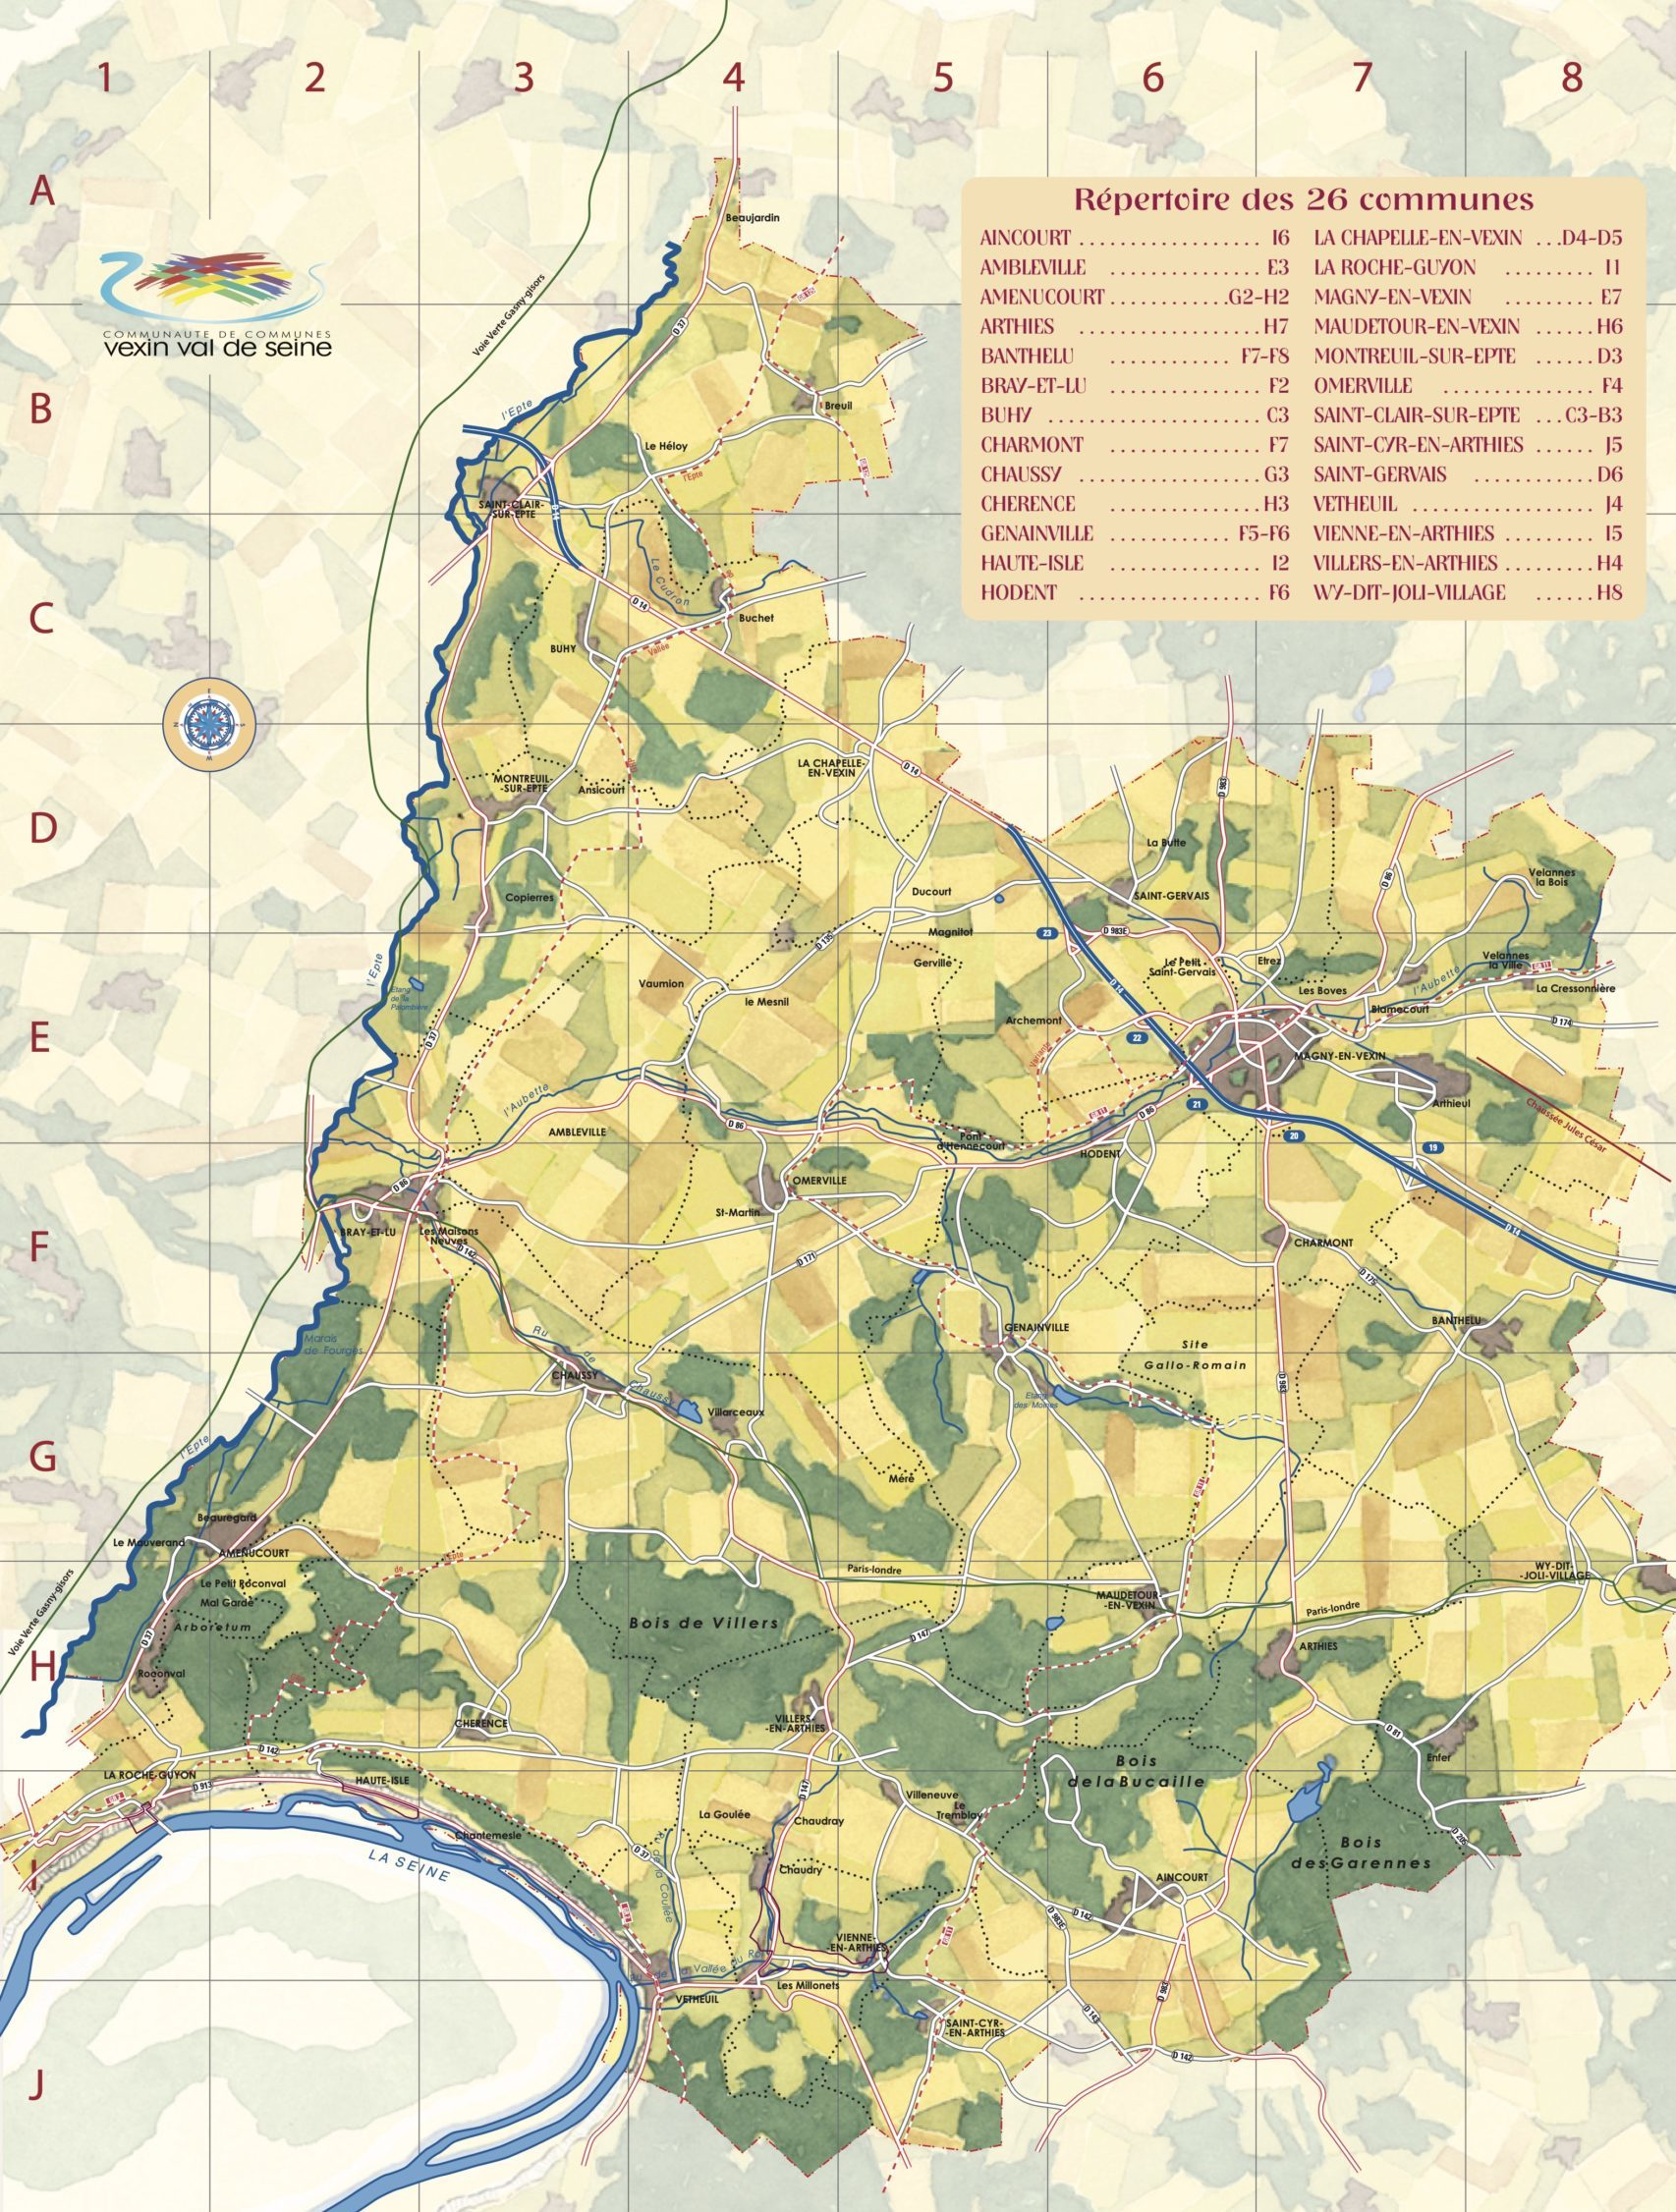 carte touristique de la ccvvs